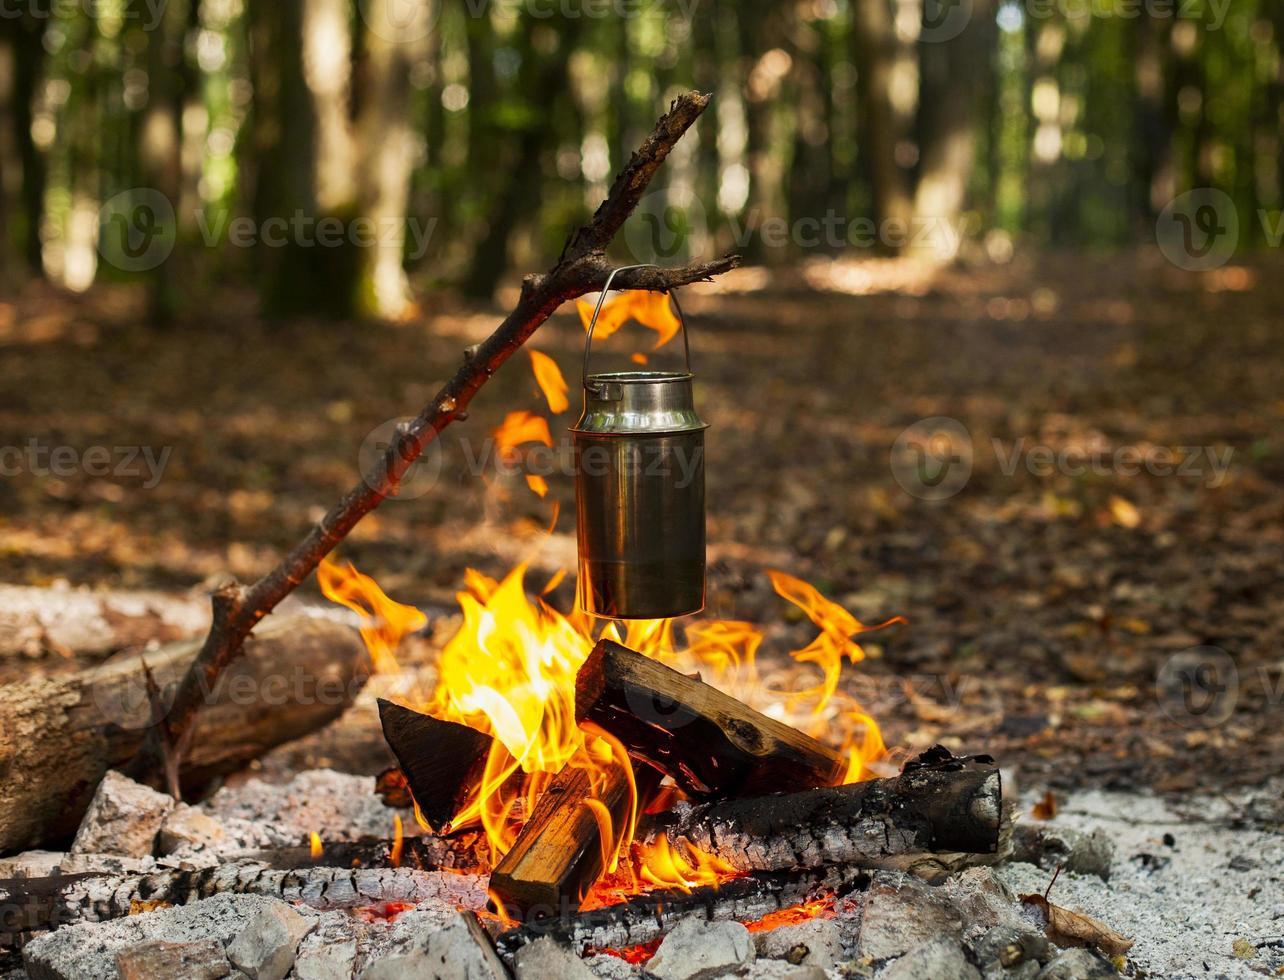 scaldare l'acqua vicino al fuoco foto